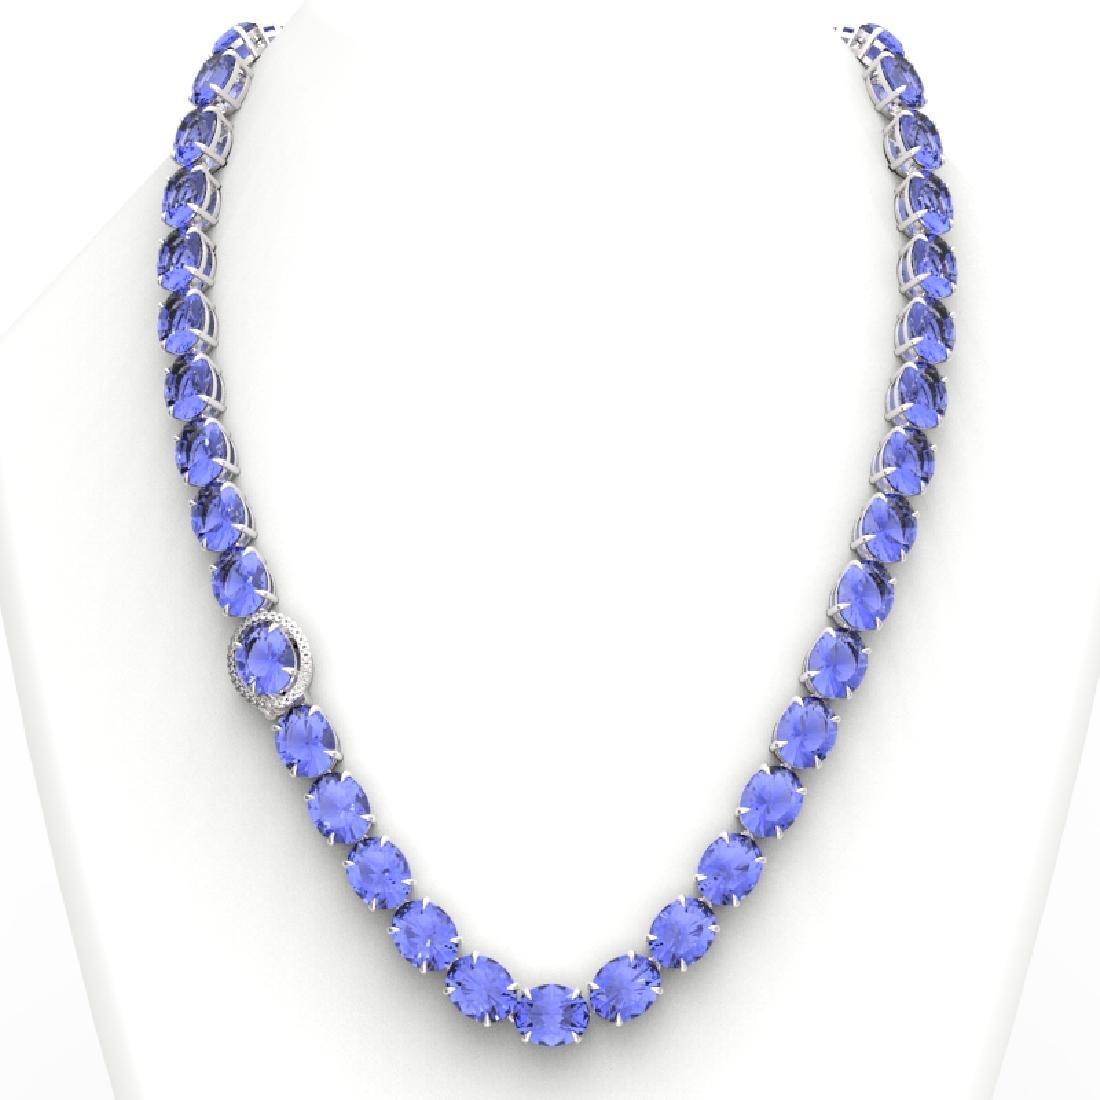 170 CTW Tanzanite & VS/SI Diamond Necklace 14K White - 3